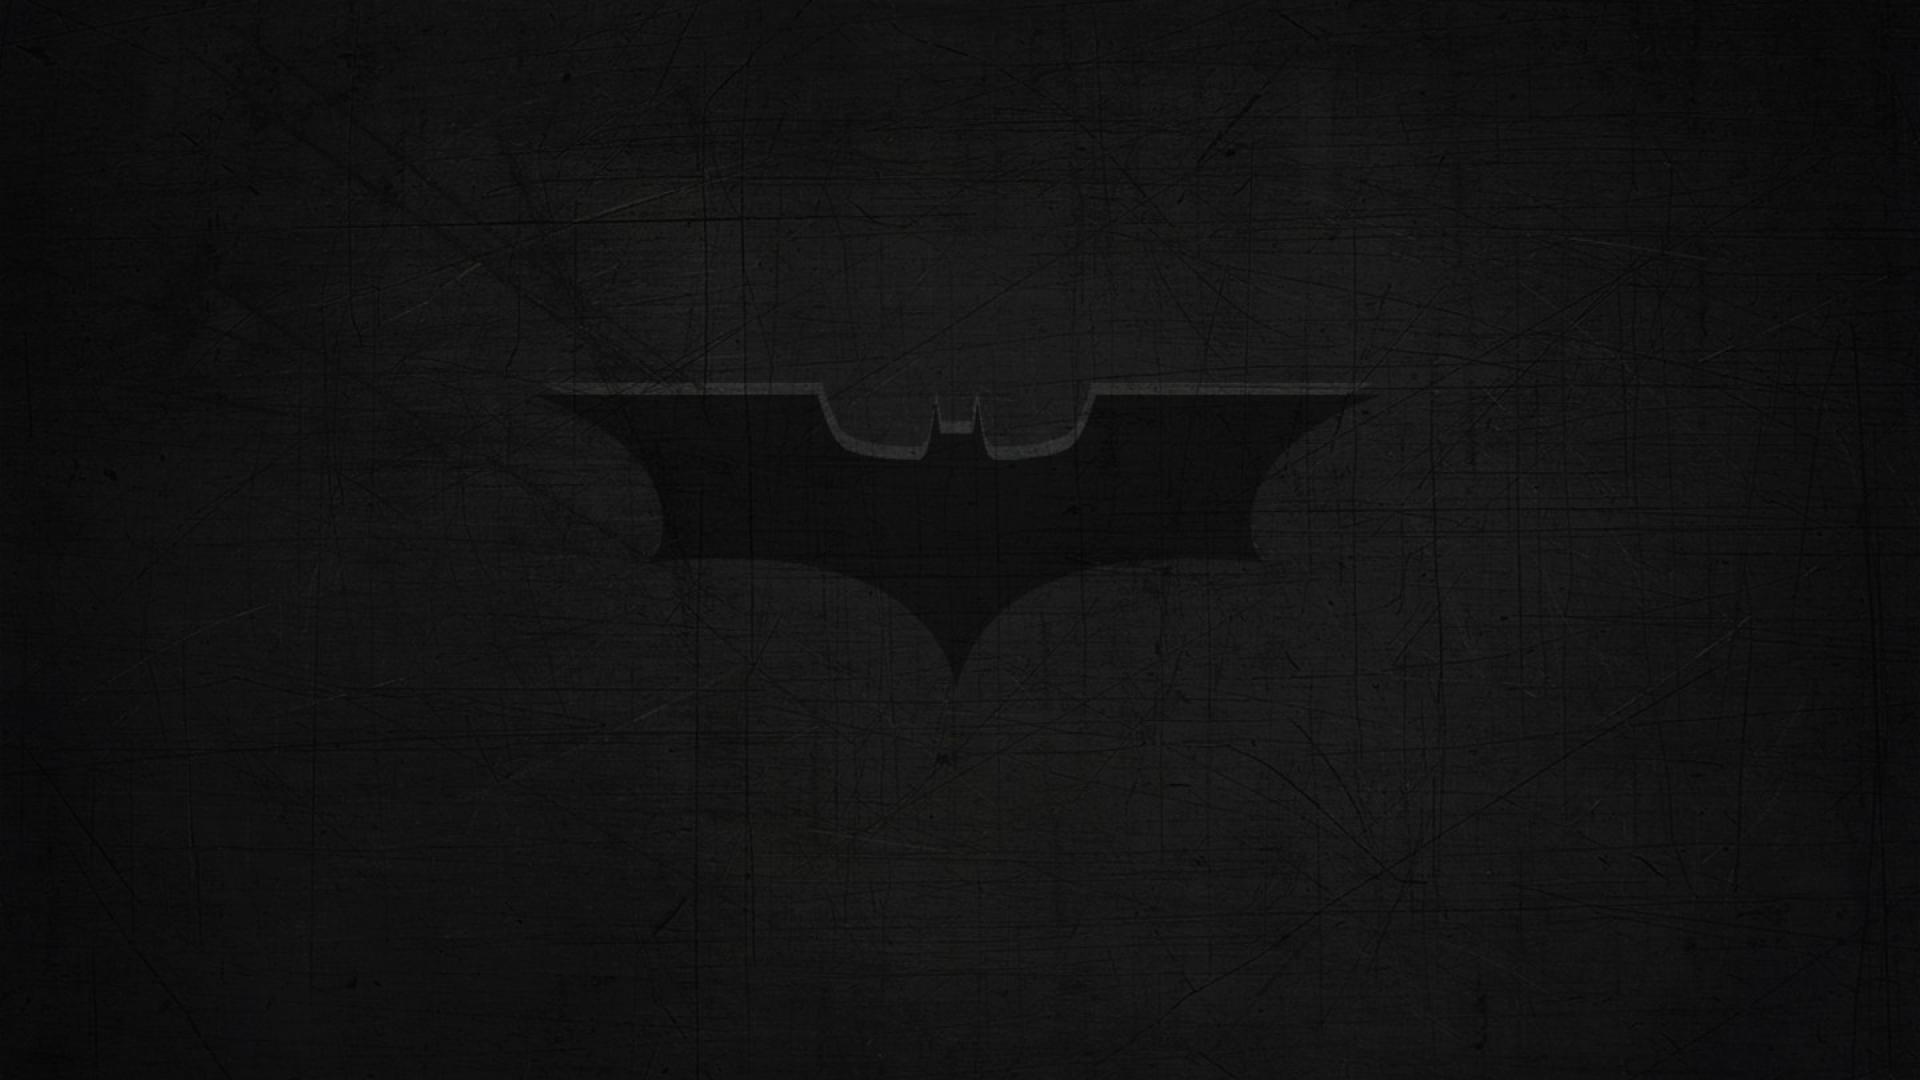 77 Dark Knight Logo Wallpaper On Wallpapersafari